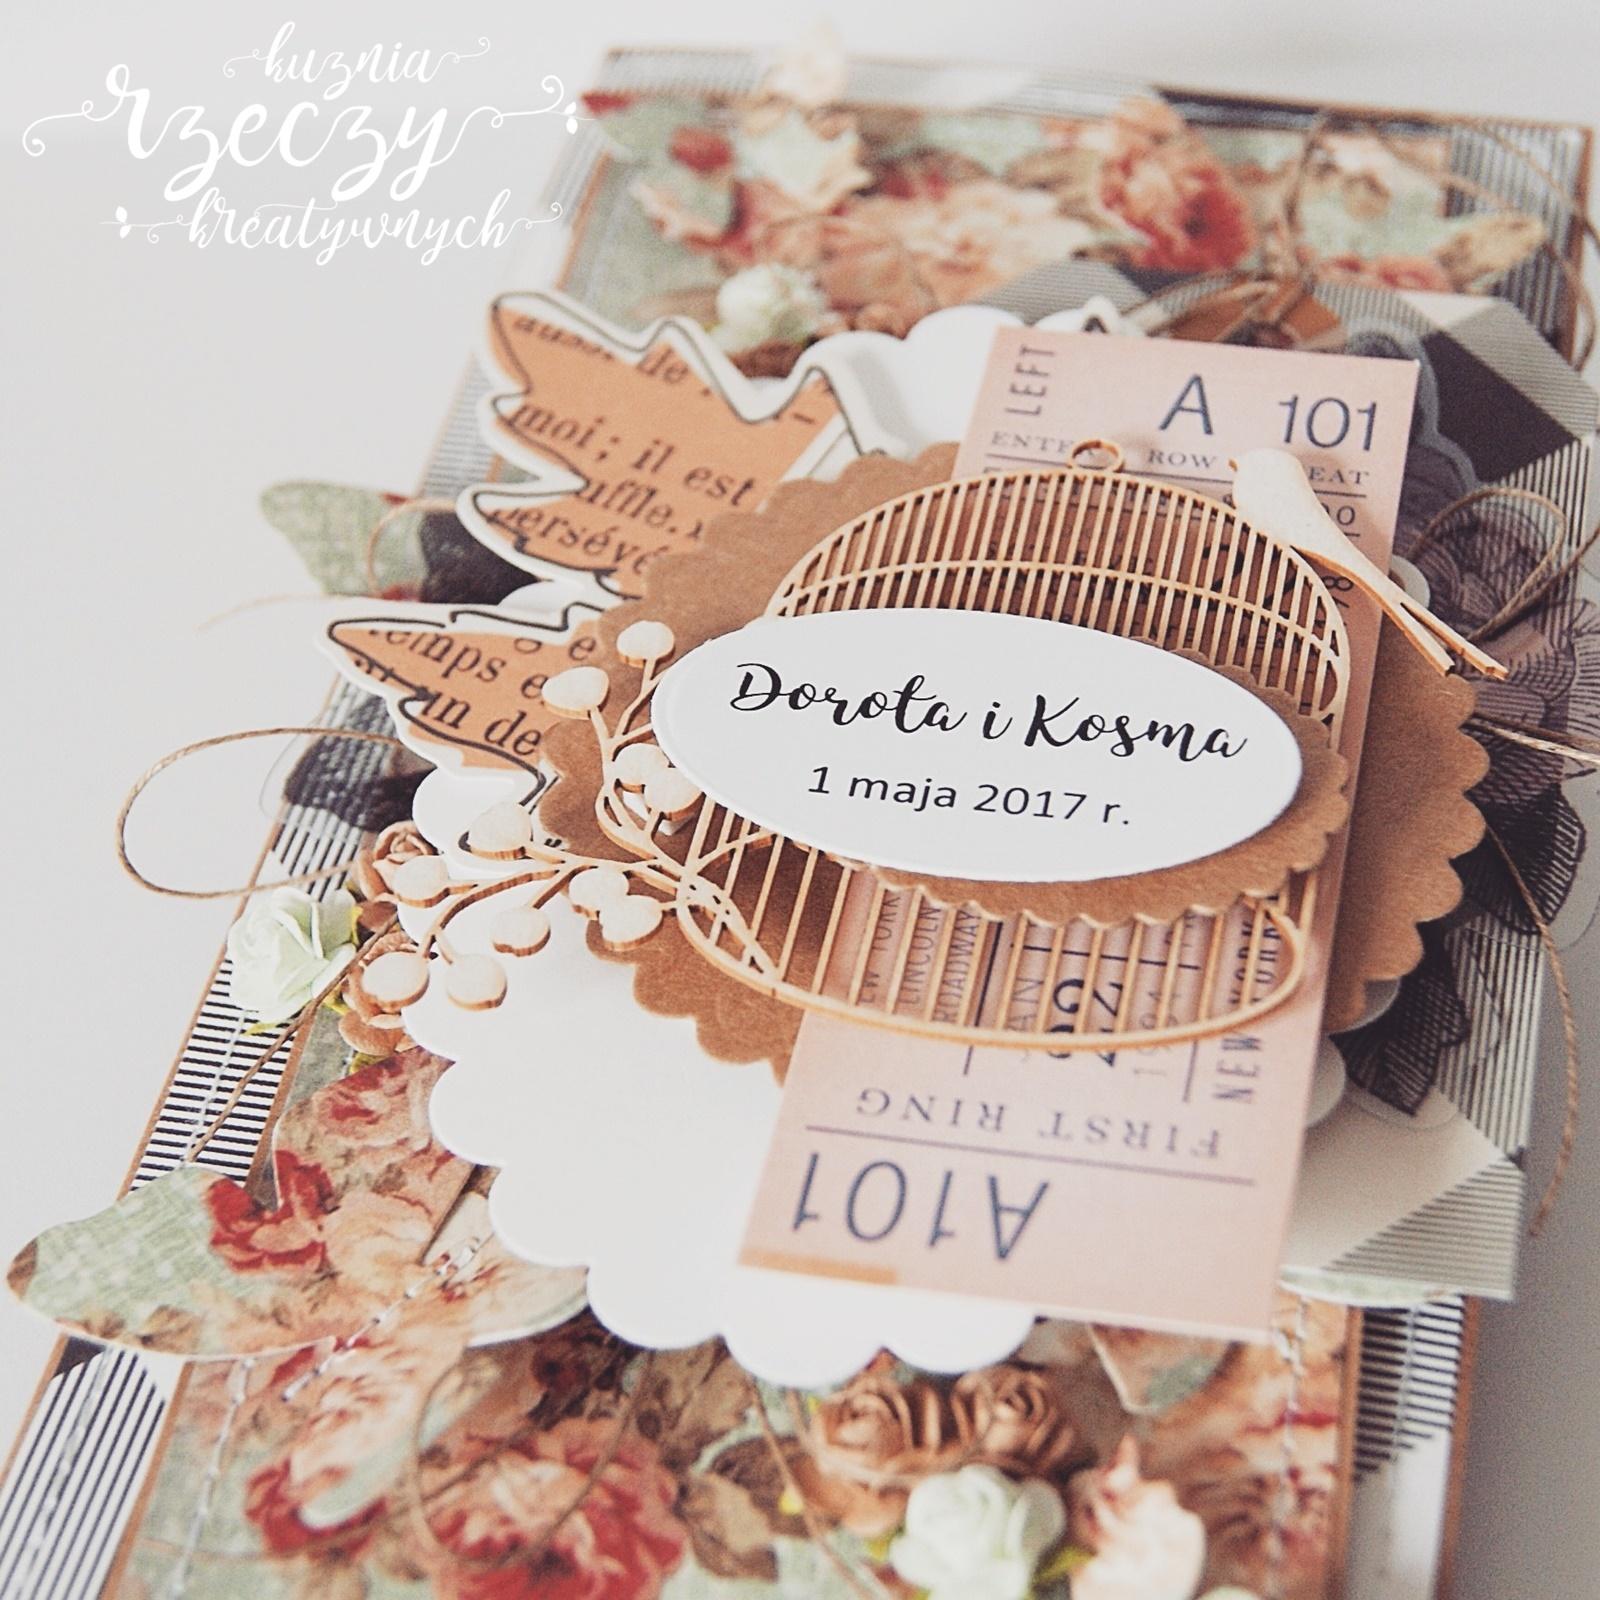 Ślubna kartka warstowa ręcznie robiona - inspiracja dla PaperConcept.